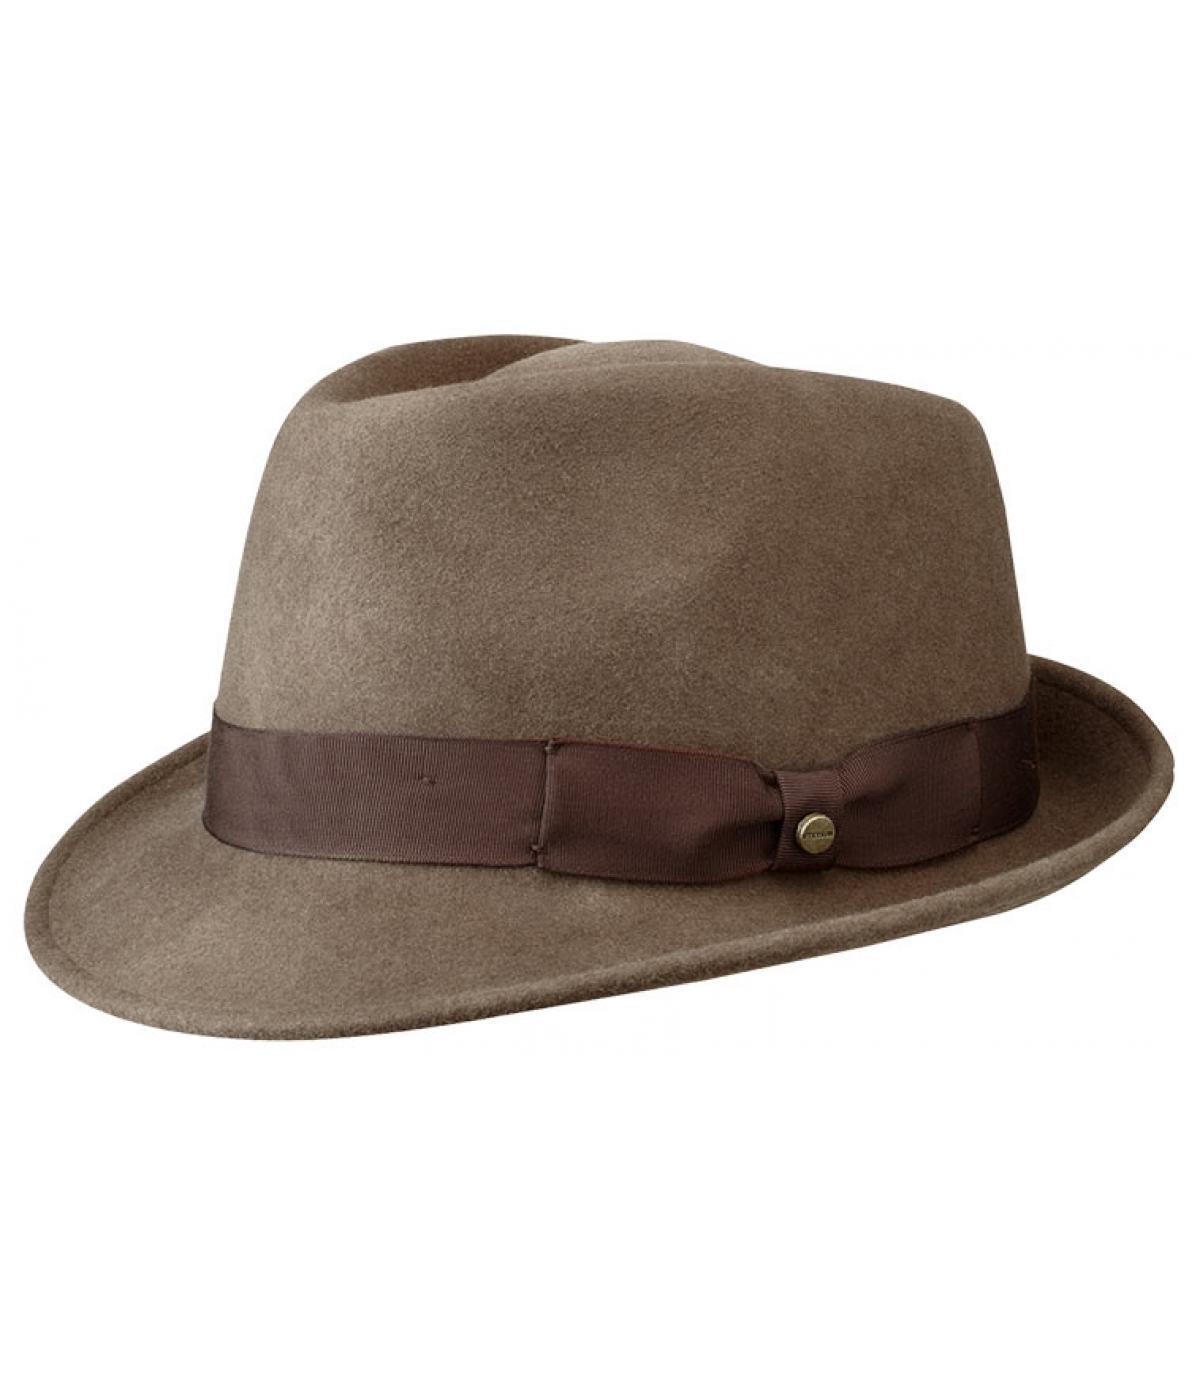 Cappello uomo Stetson marrone